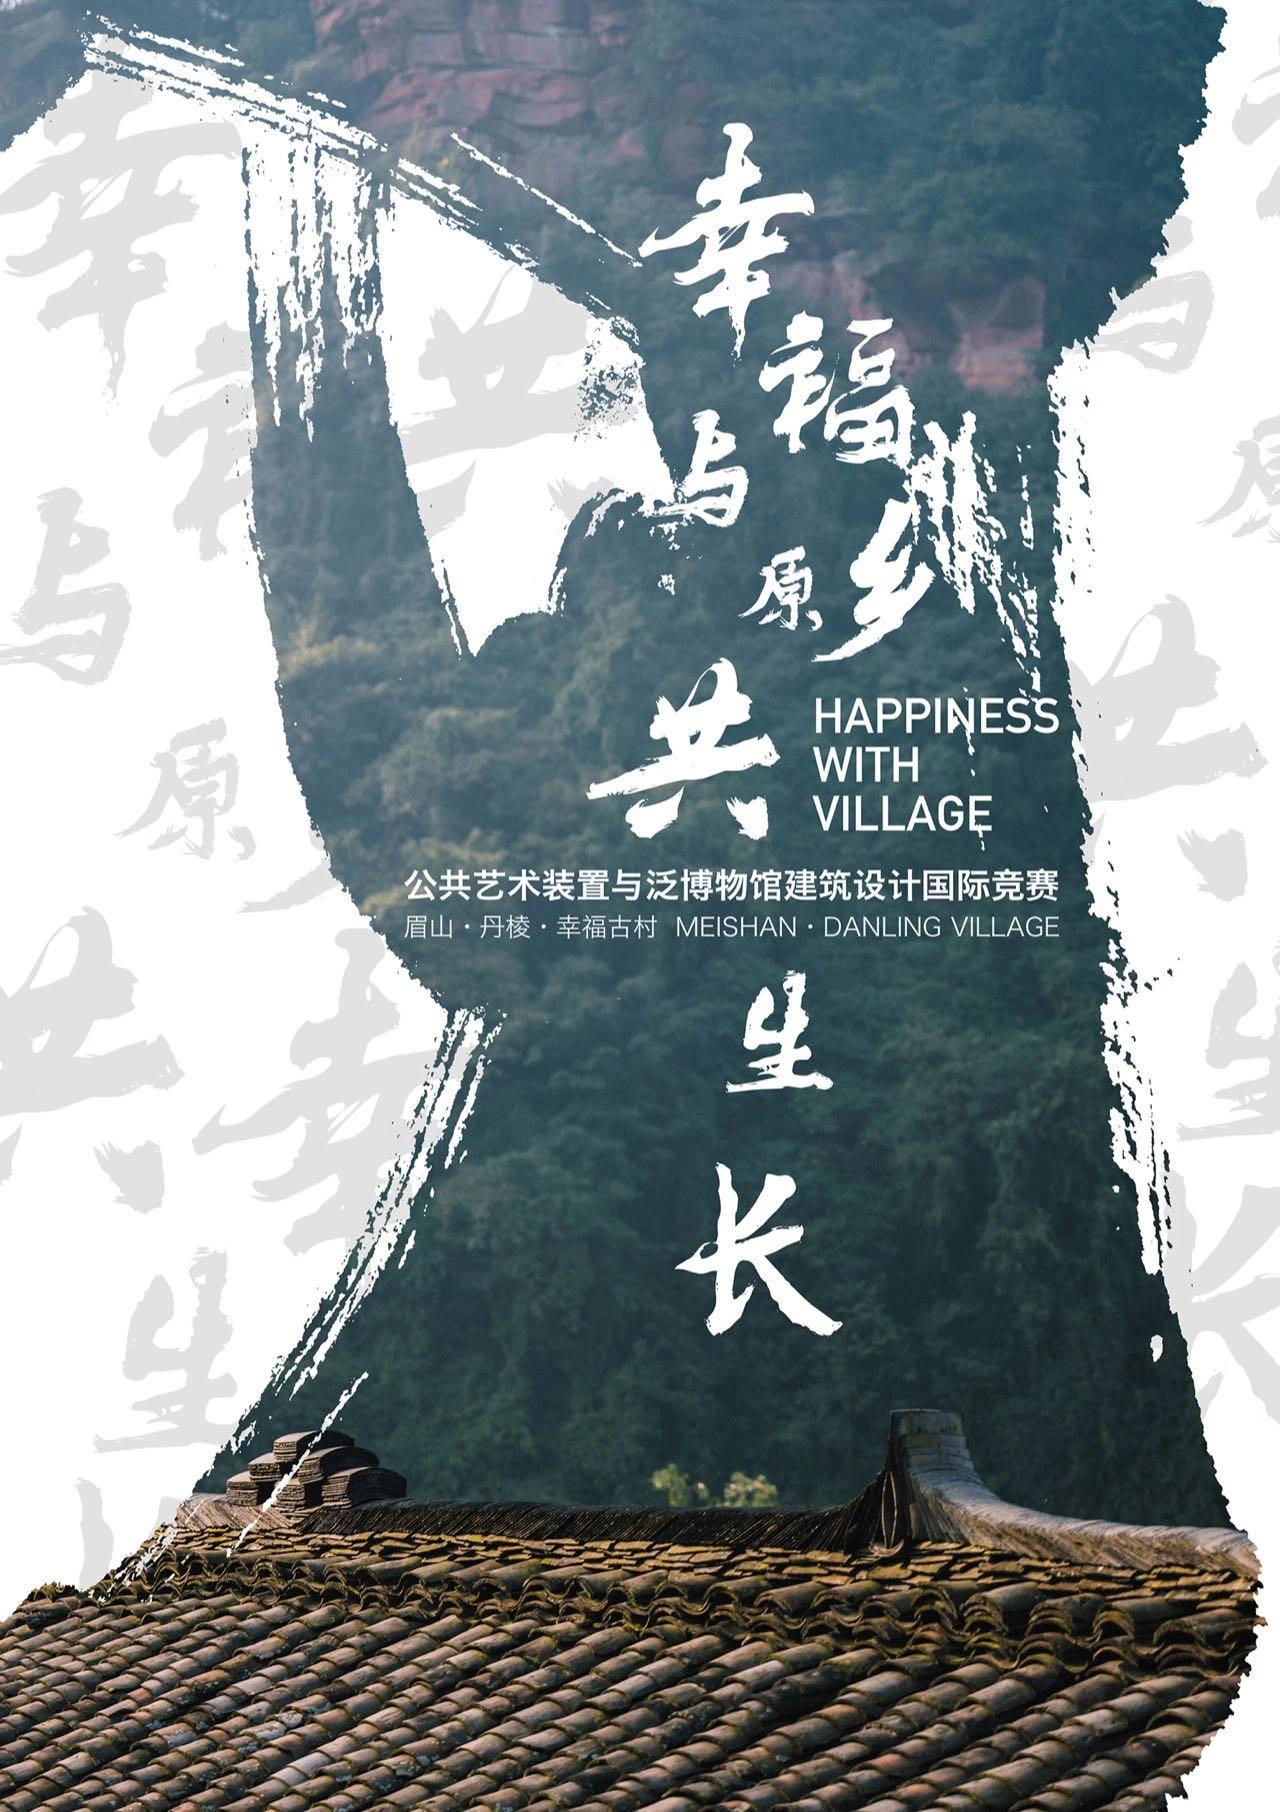 """为""""幸福""""而设计丨幸福古村竞赛正式启动"""